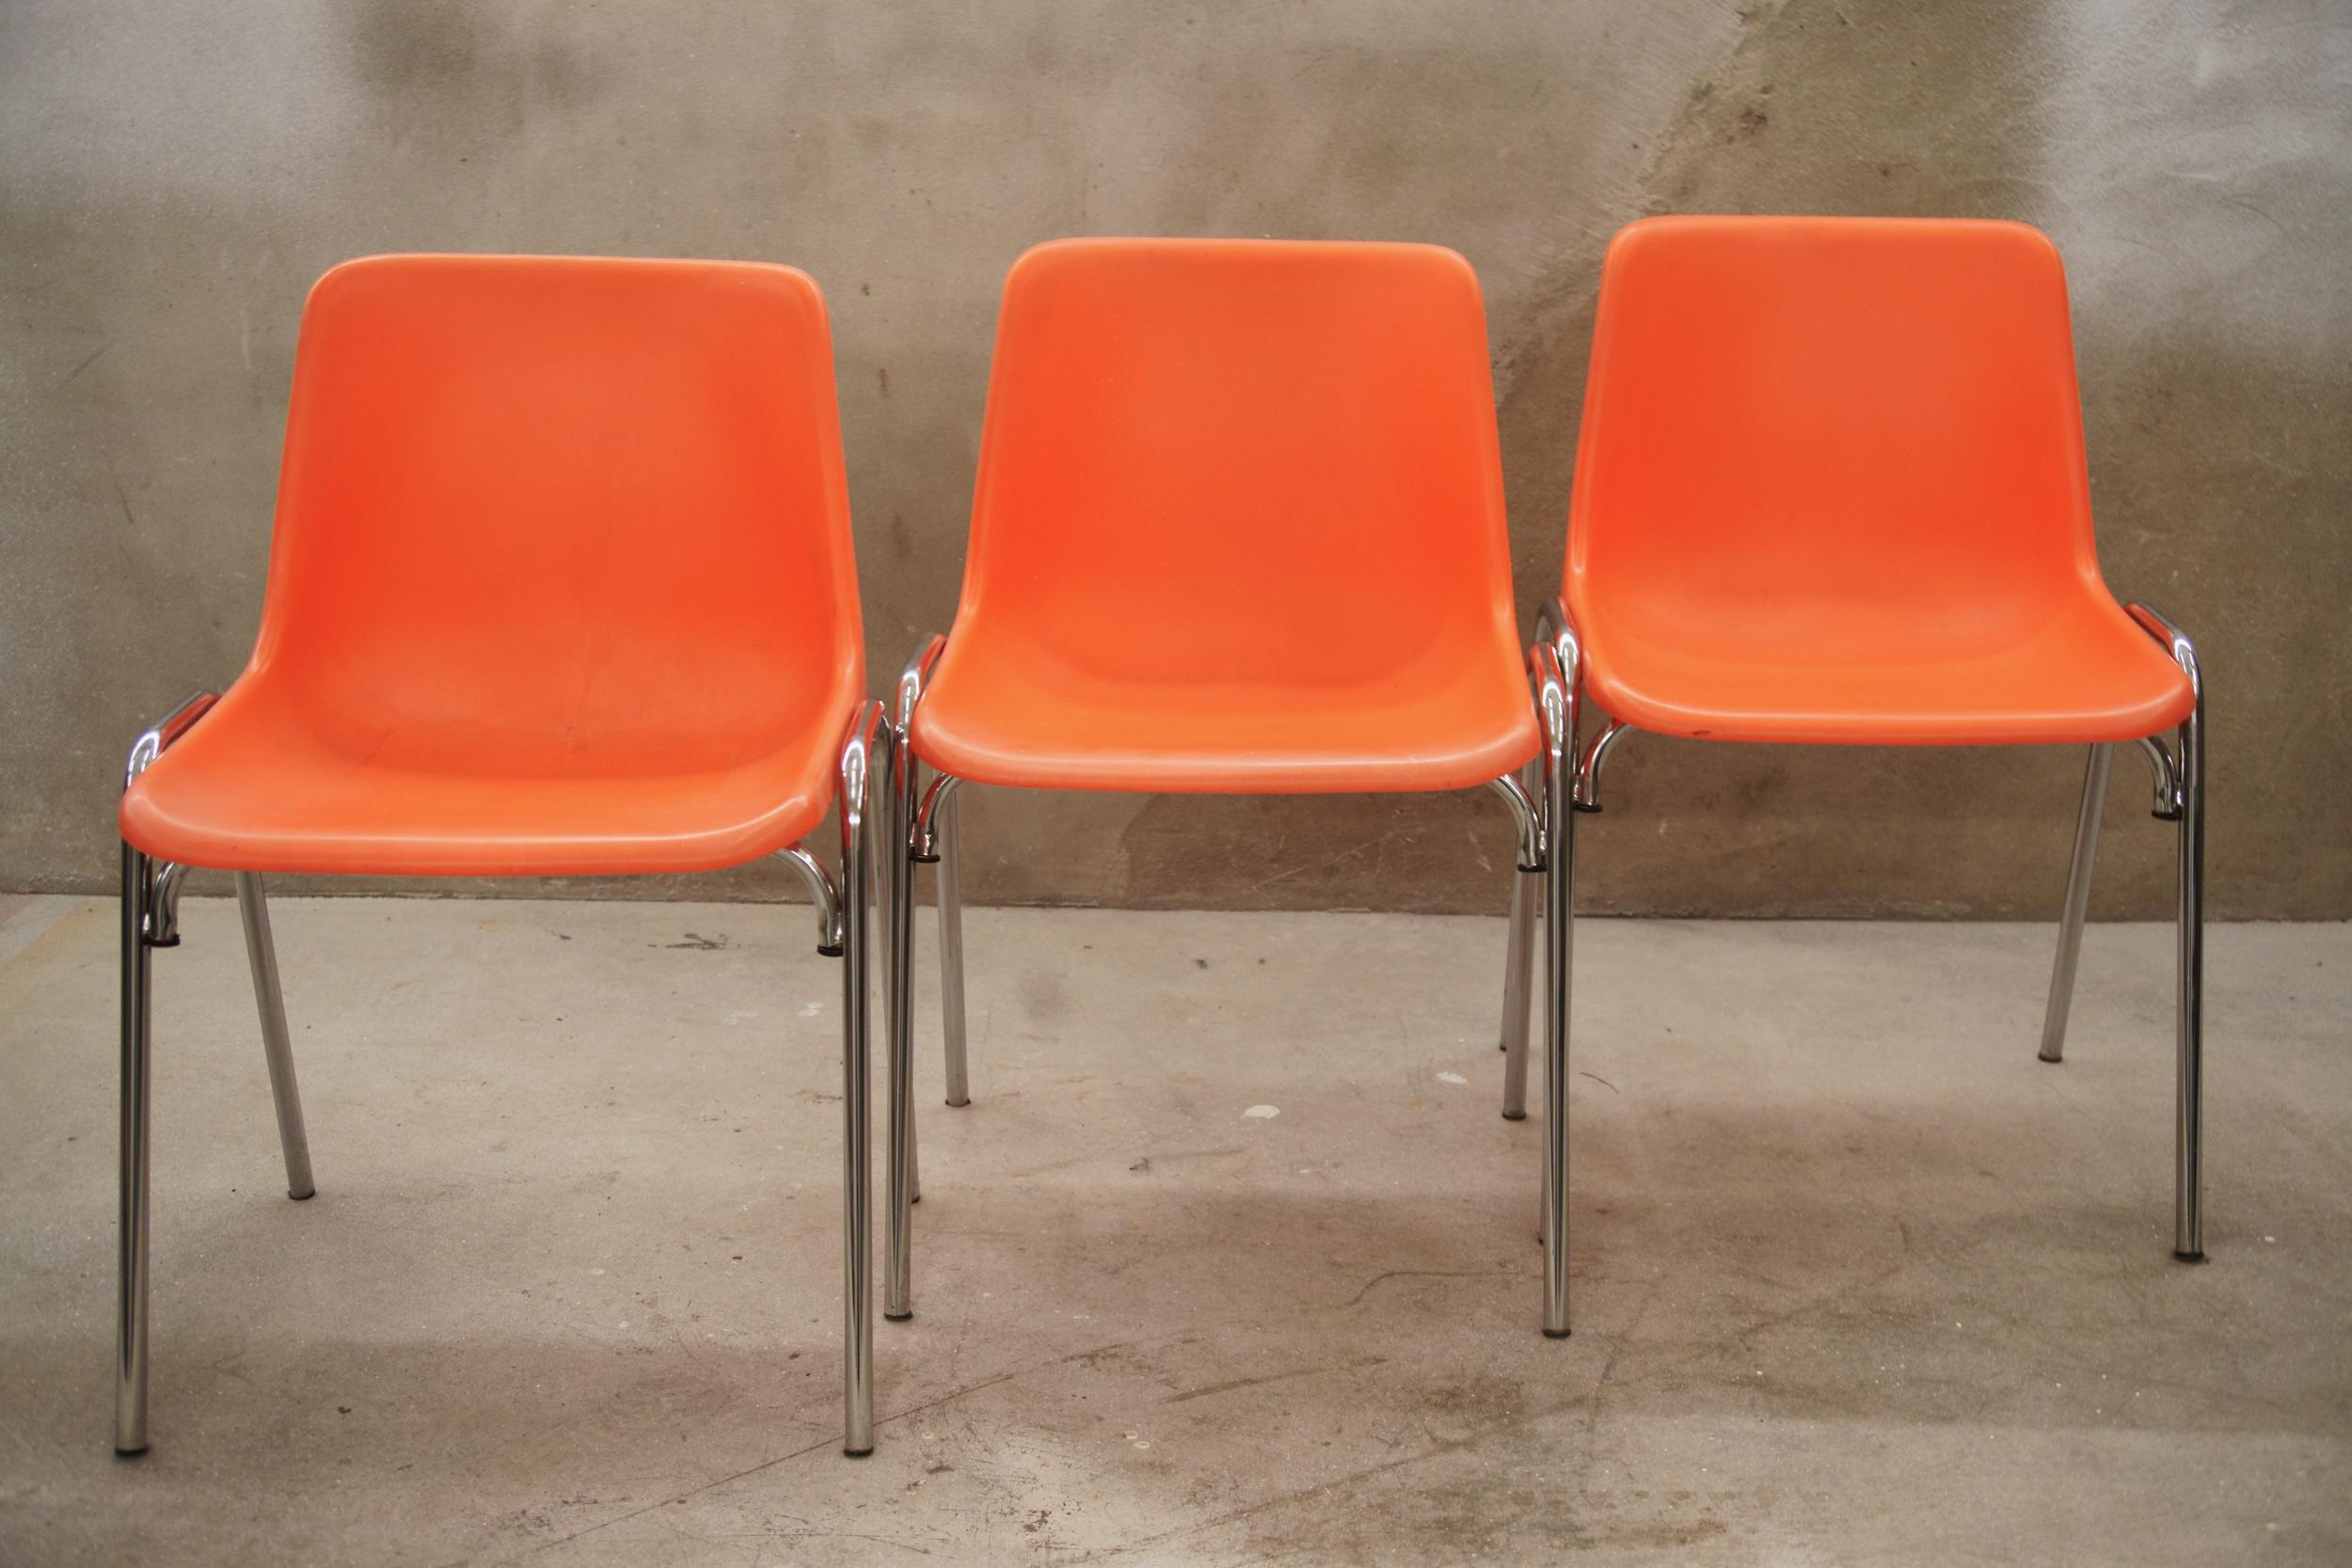 Stoel, oranje/chrome, +20 stuks